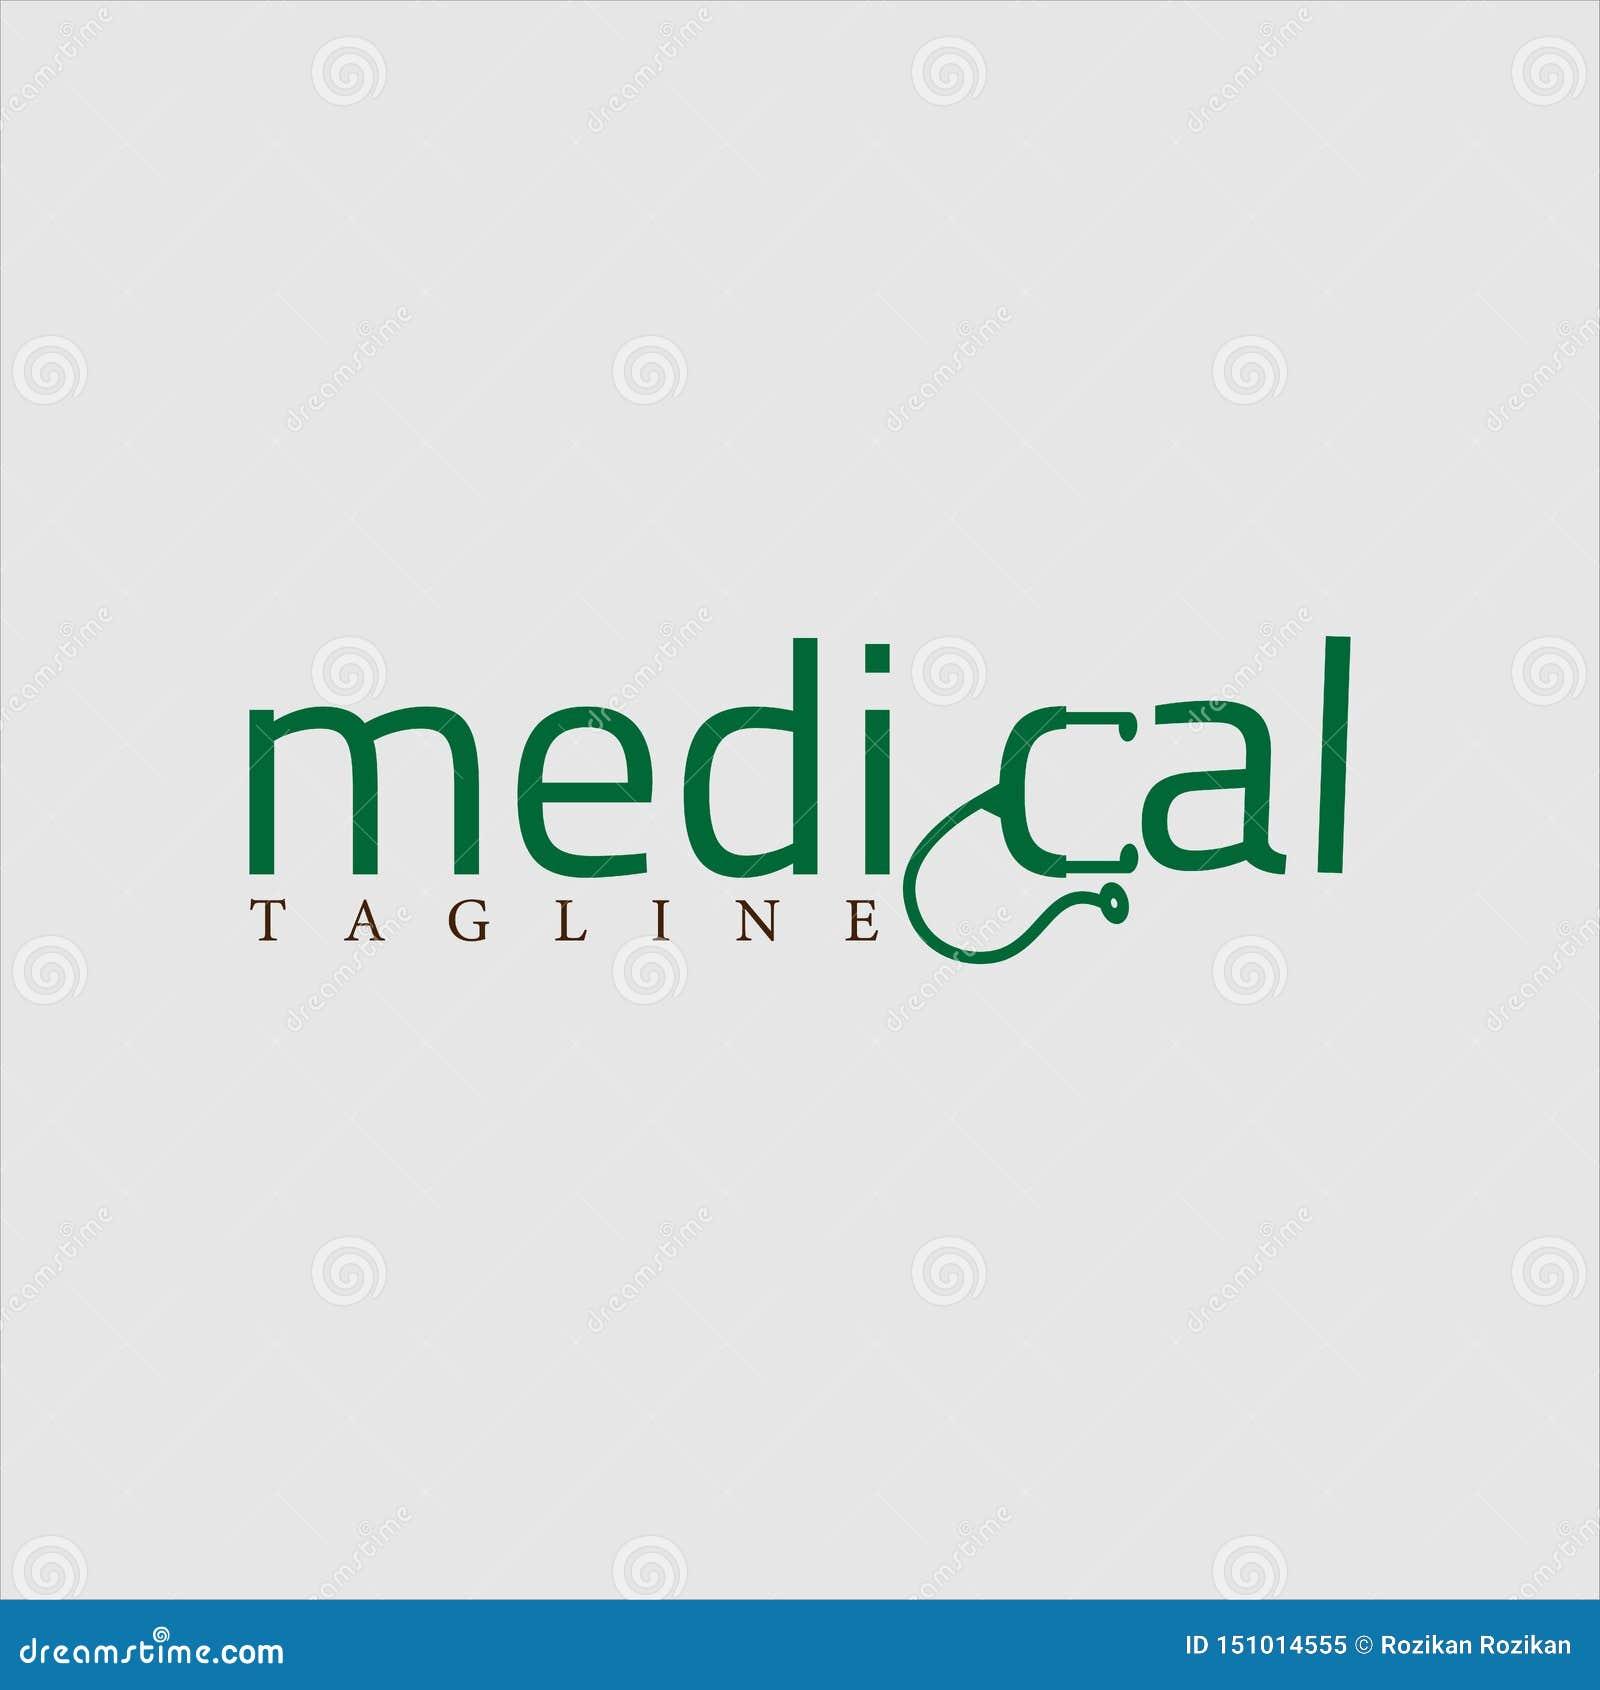 Medical logo design green vector conceptual